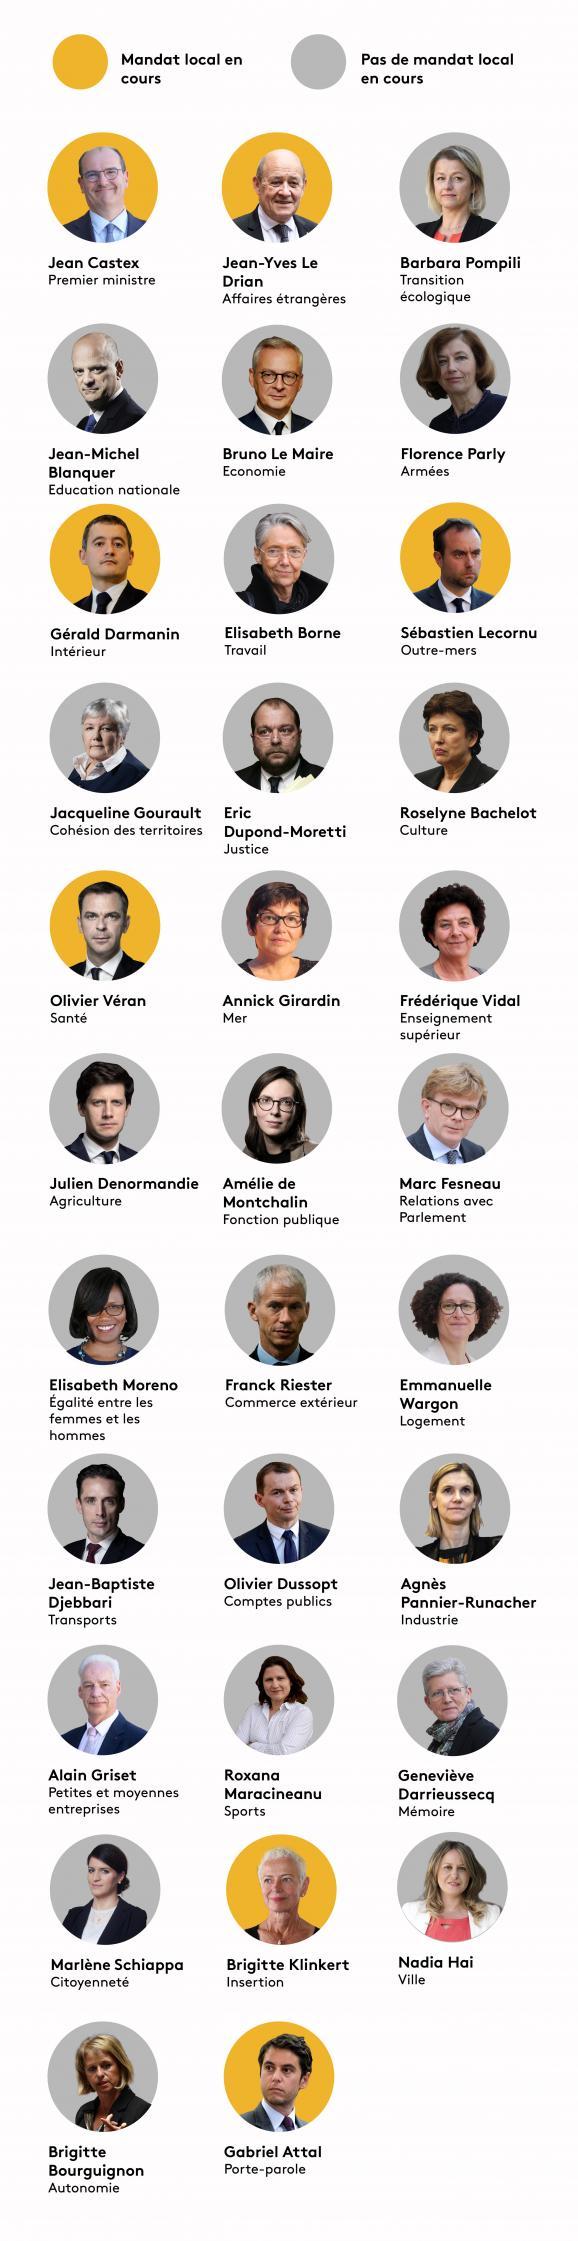 Quels sont les ministres ayant toujours un mandat local ?